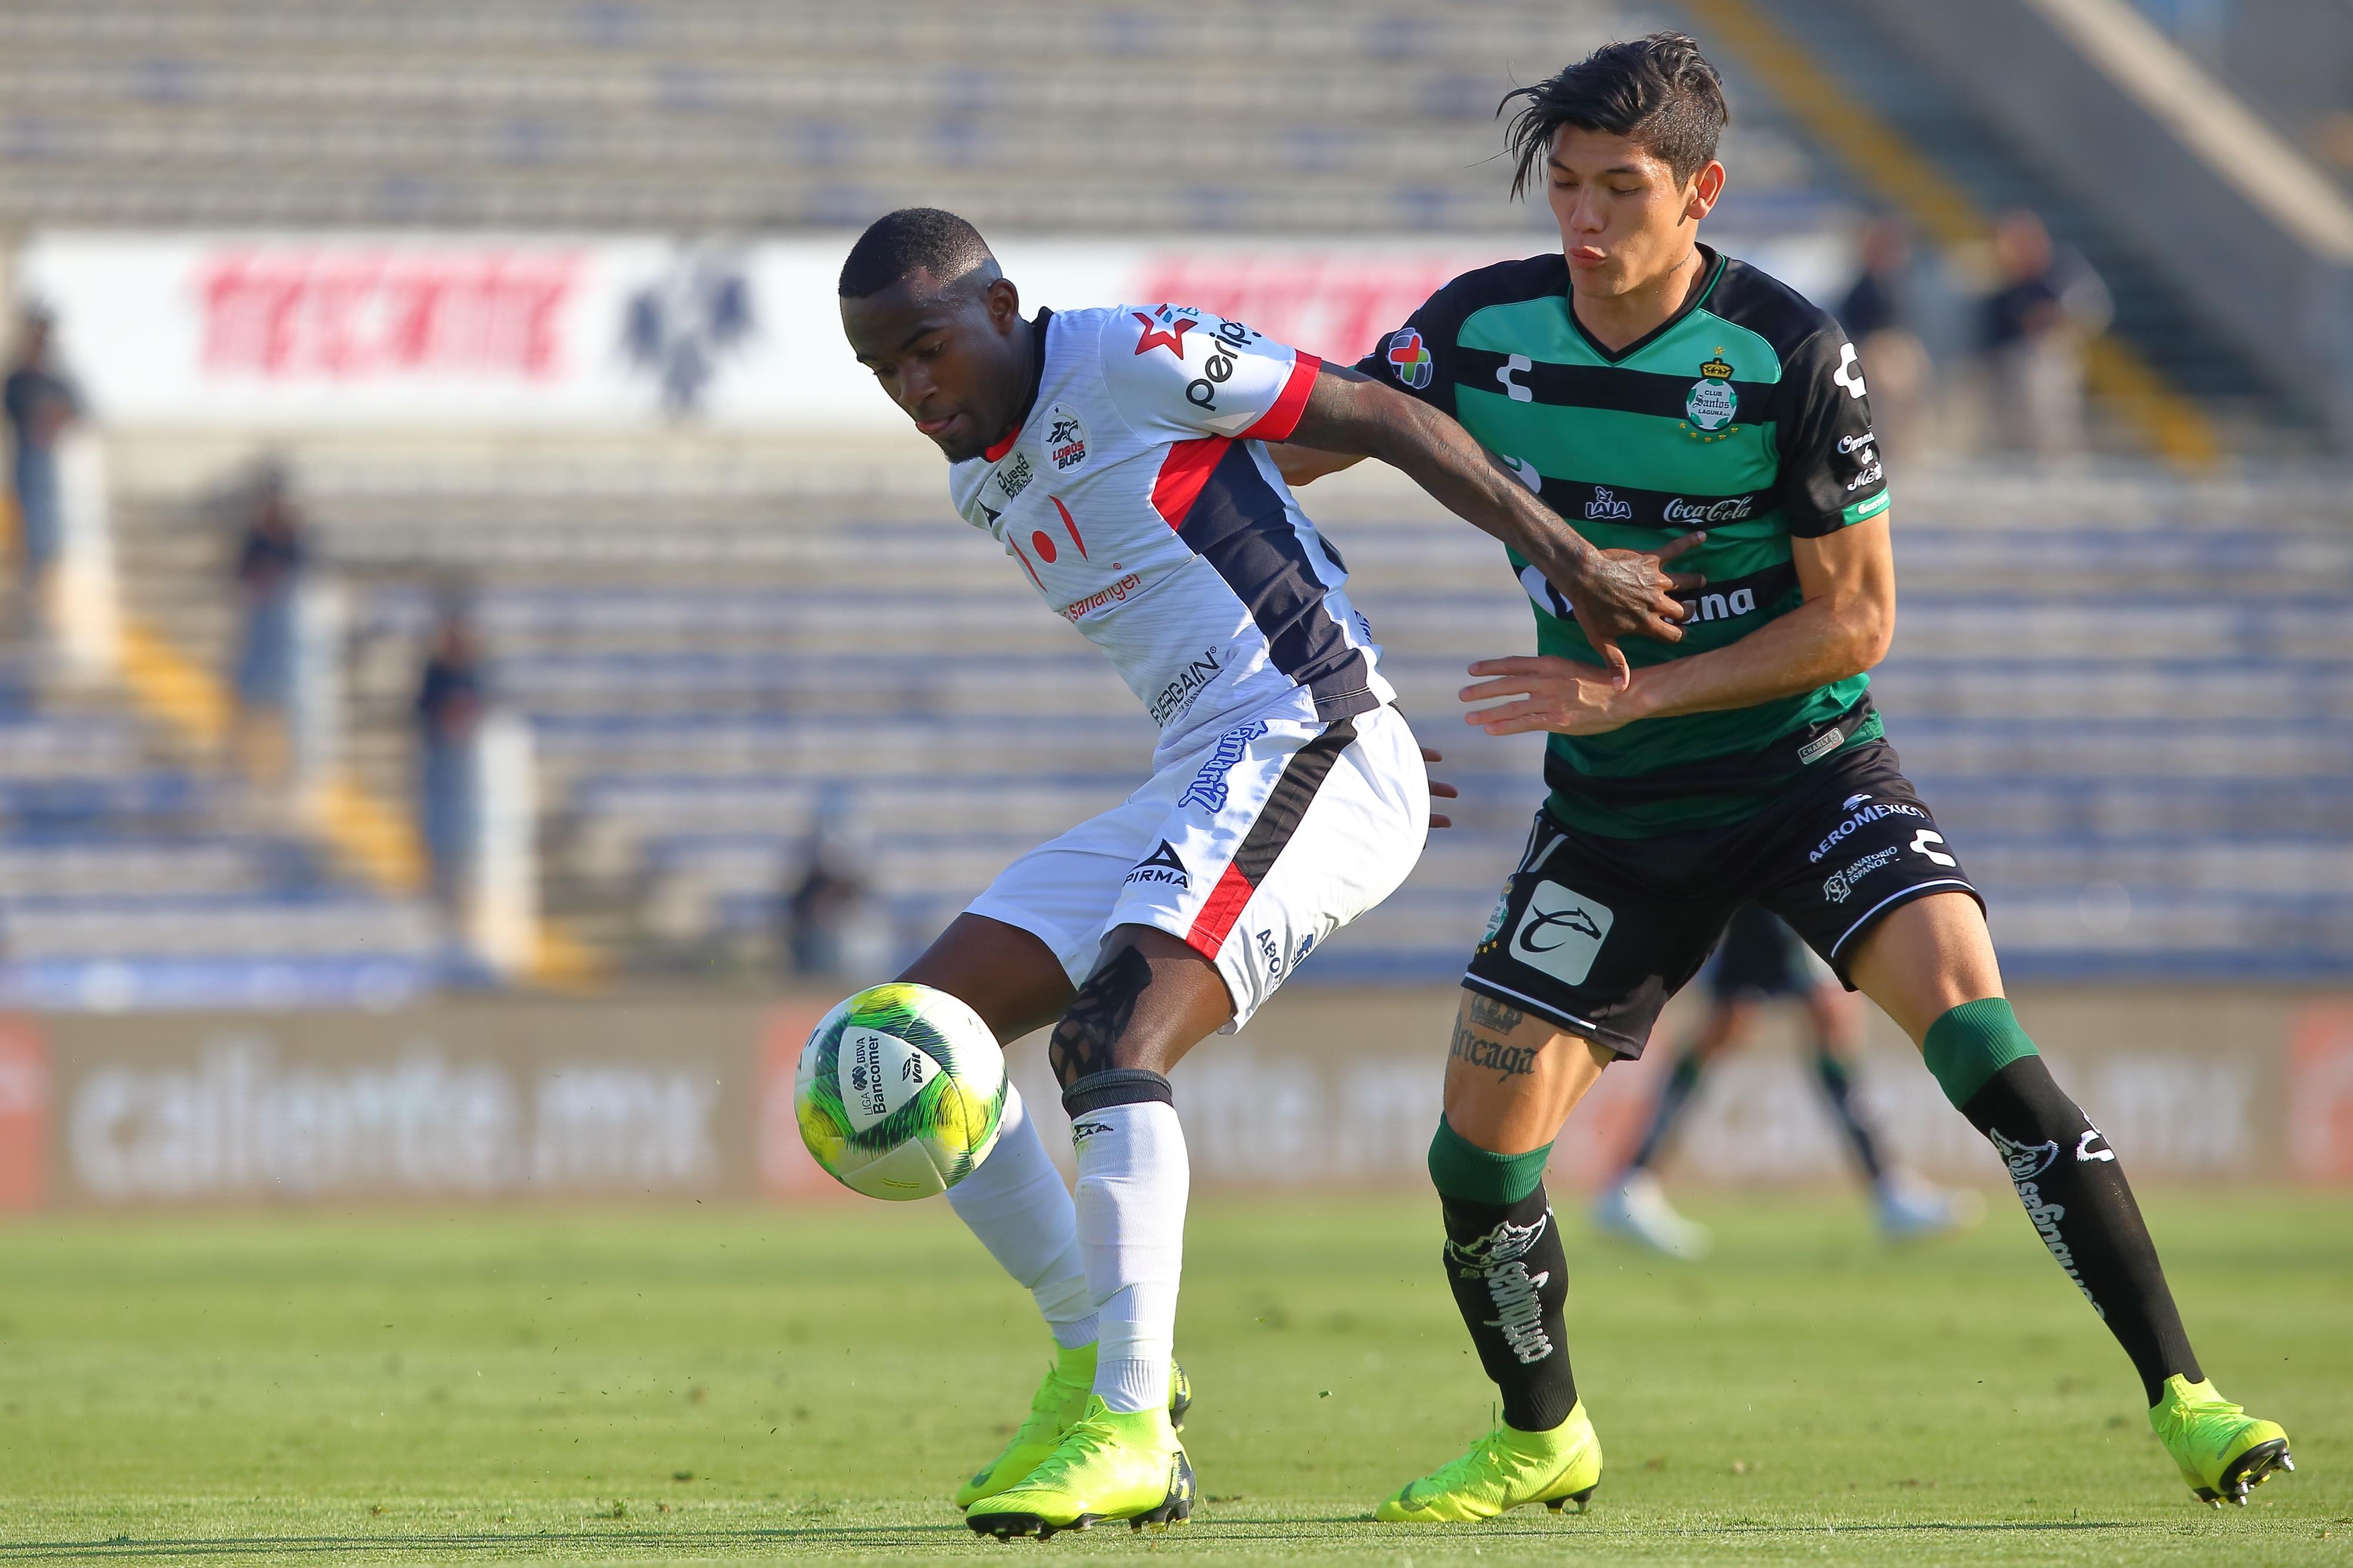 Las mejores imágenes de la Jornada 1 del Clausura 2019